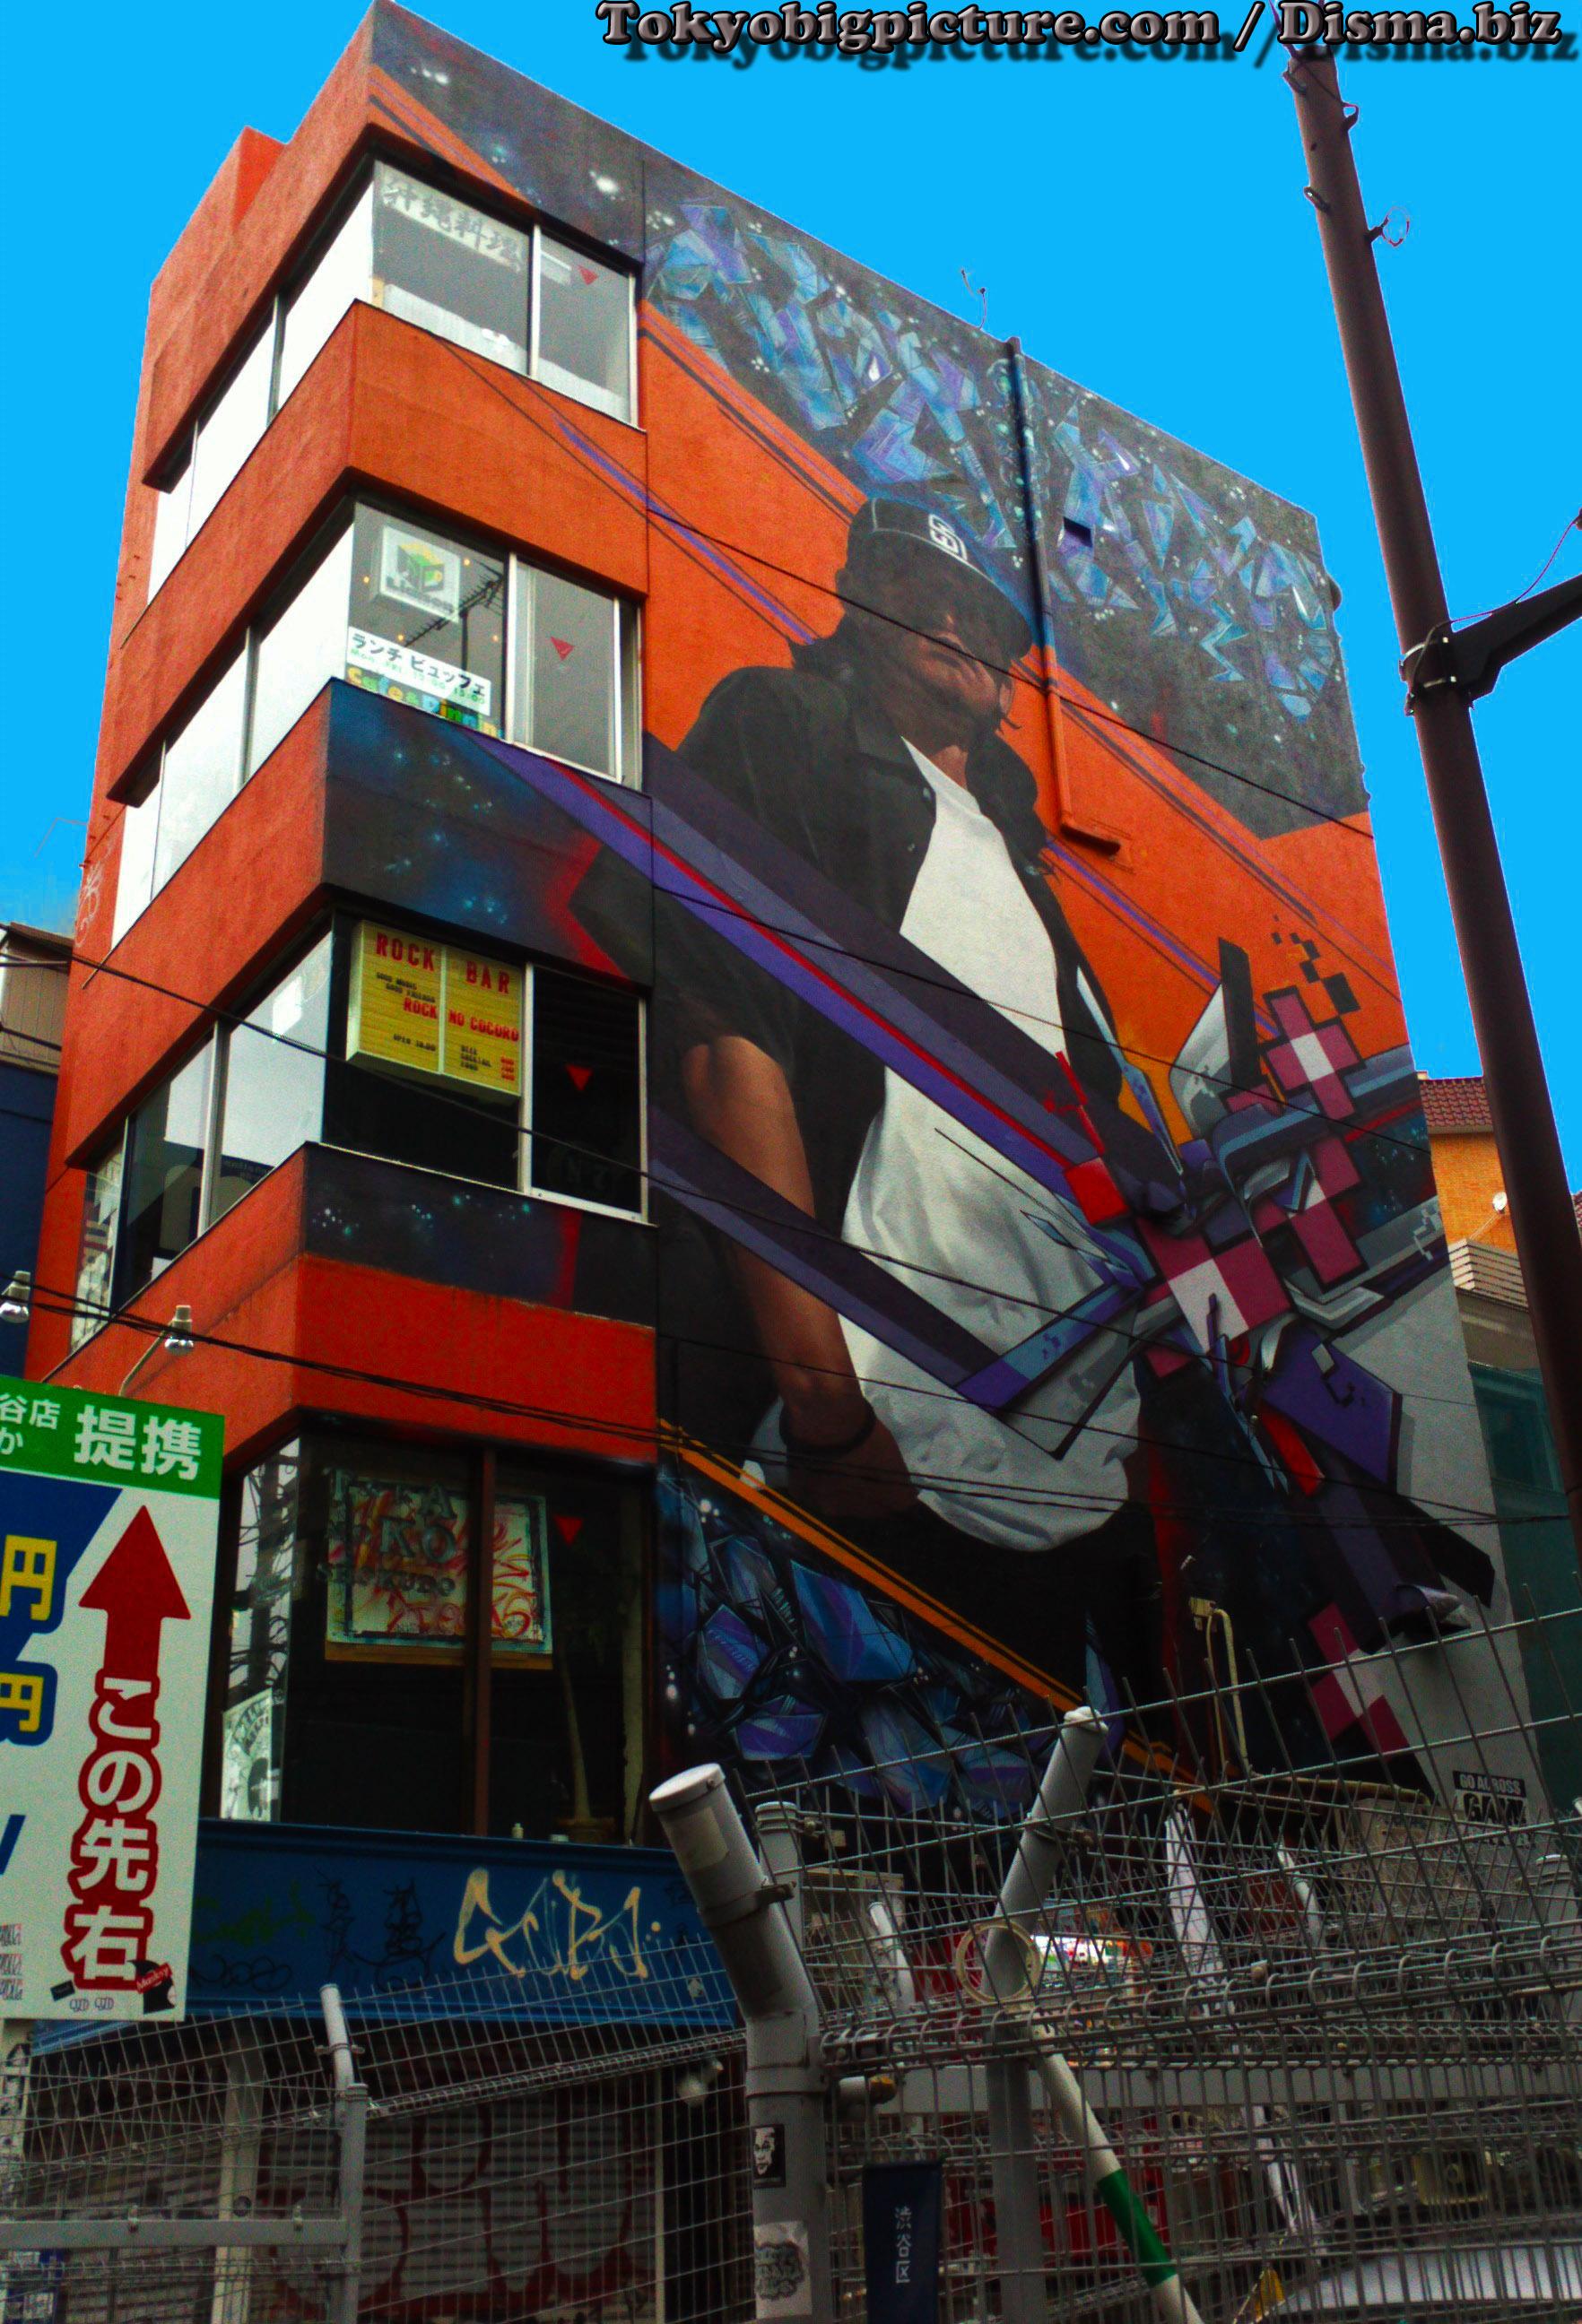 Yokohama graffiti wall - Throwback Yokohama Graffiti Ing